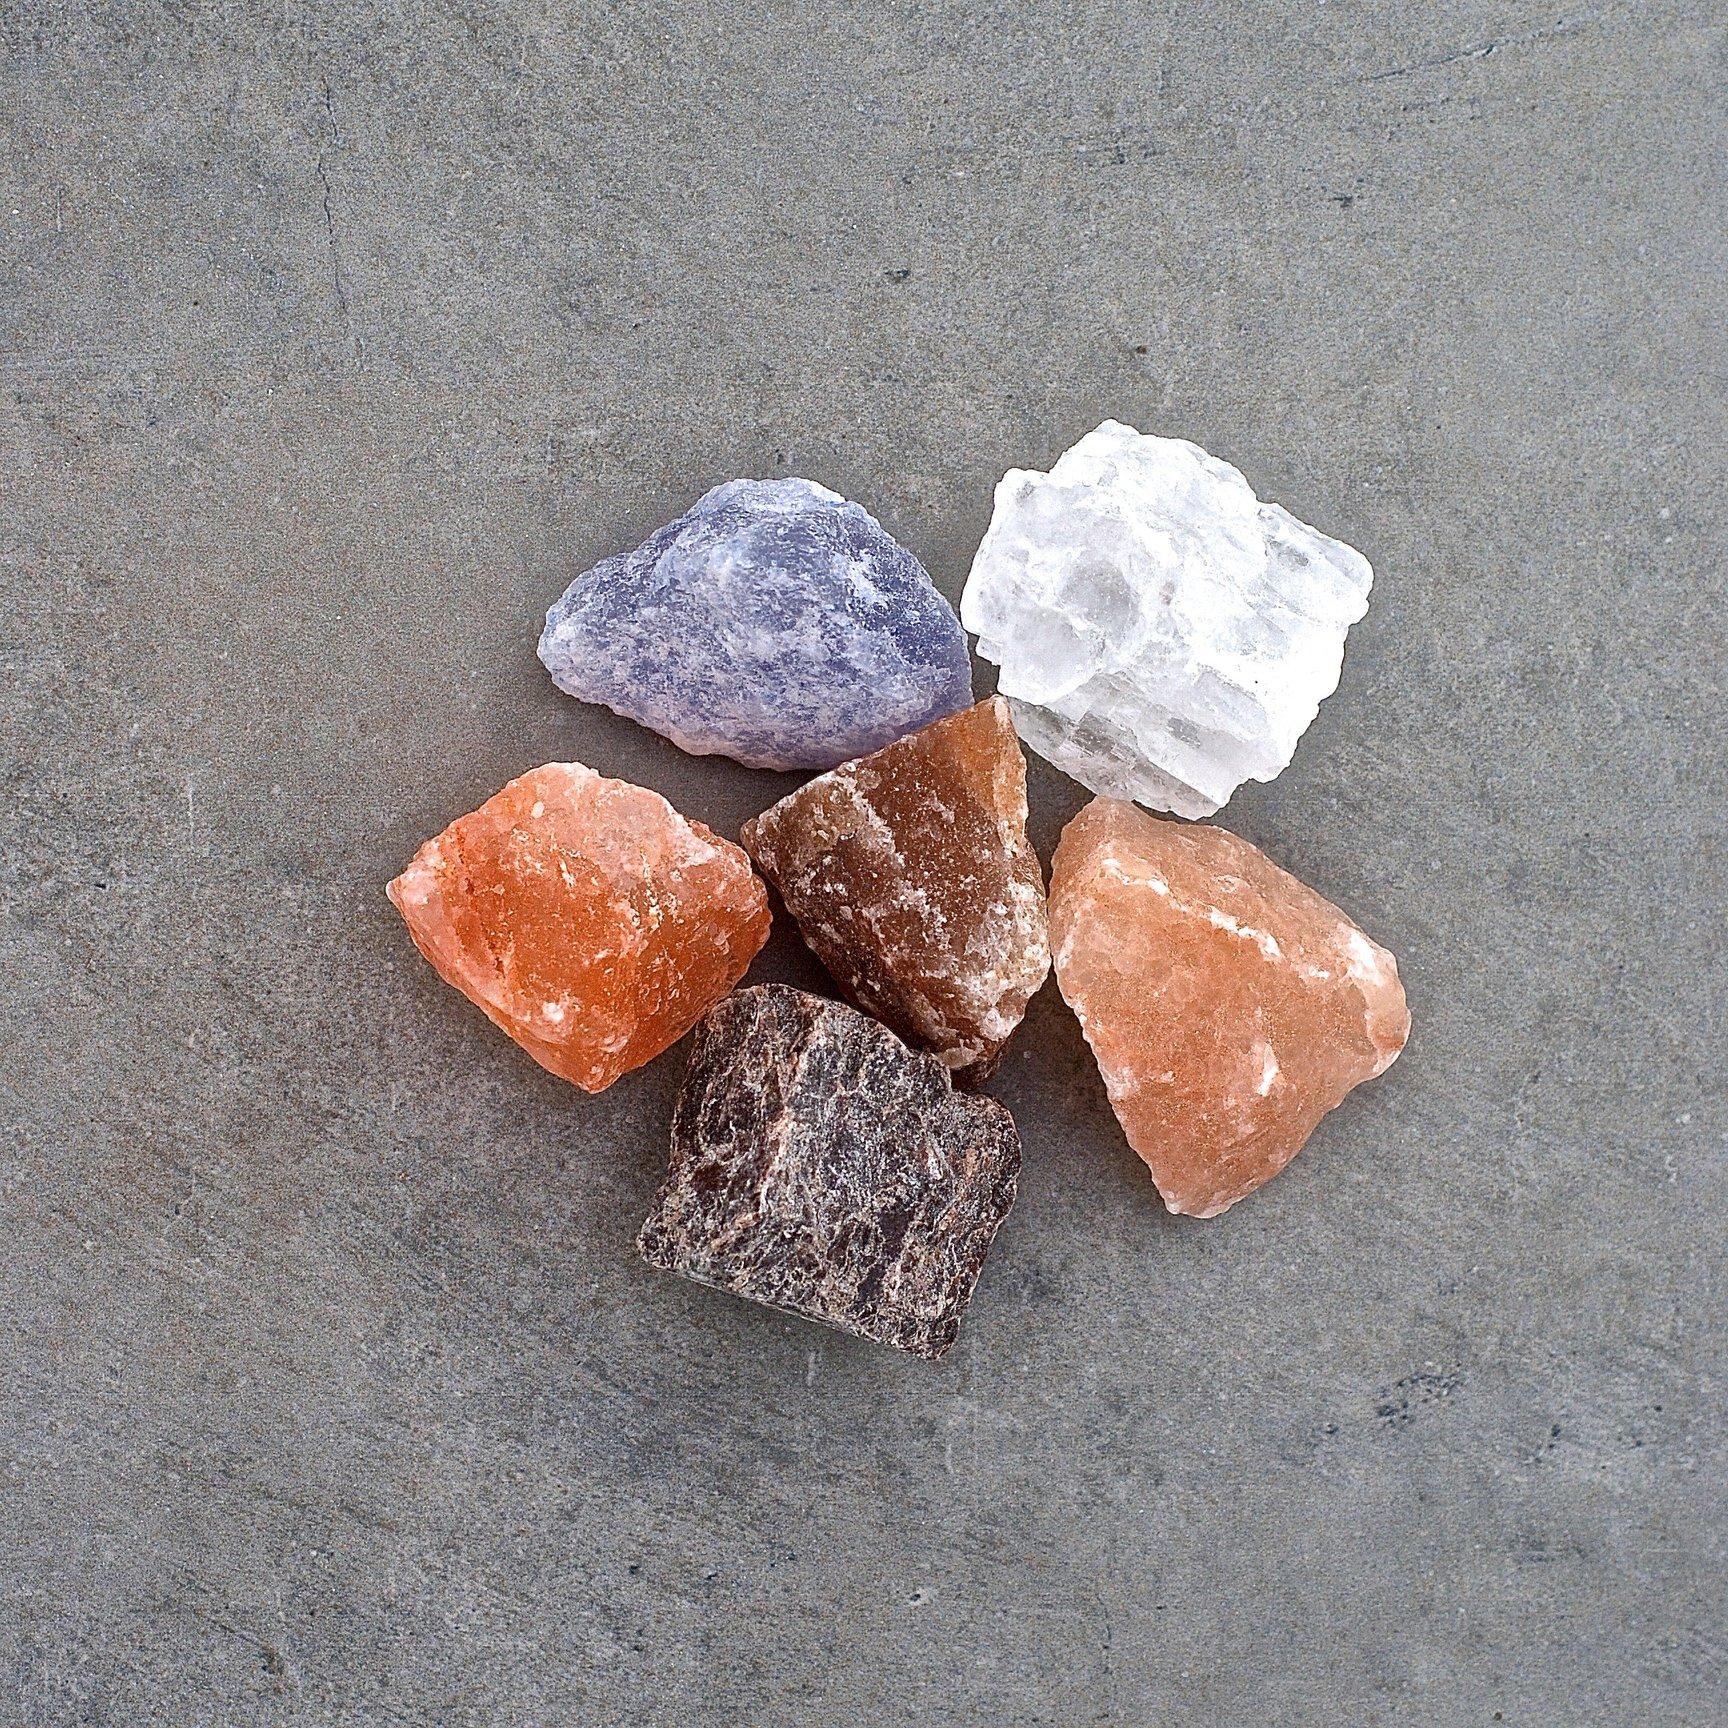 009 TASTE Jr - SELECTION OF SALT ROCKS